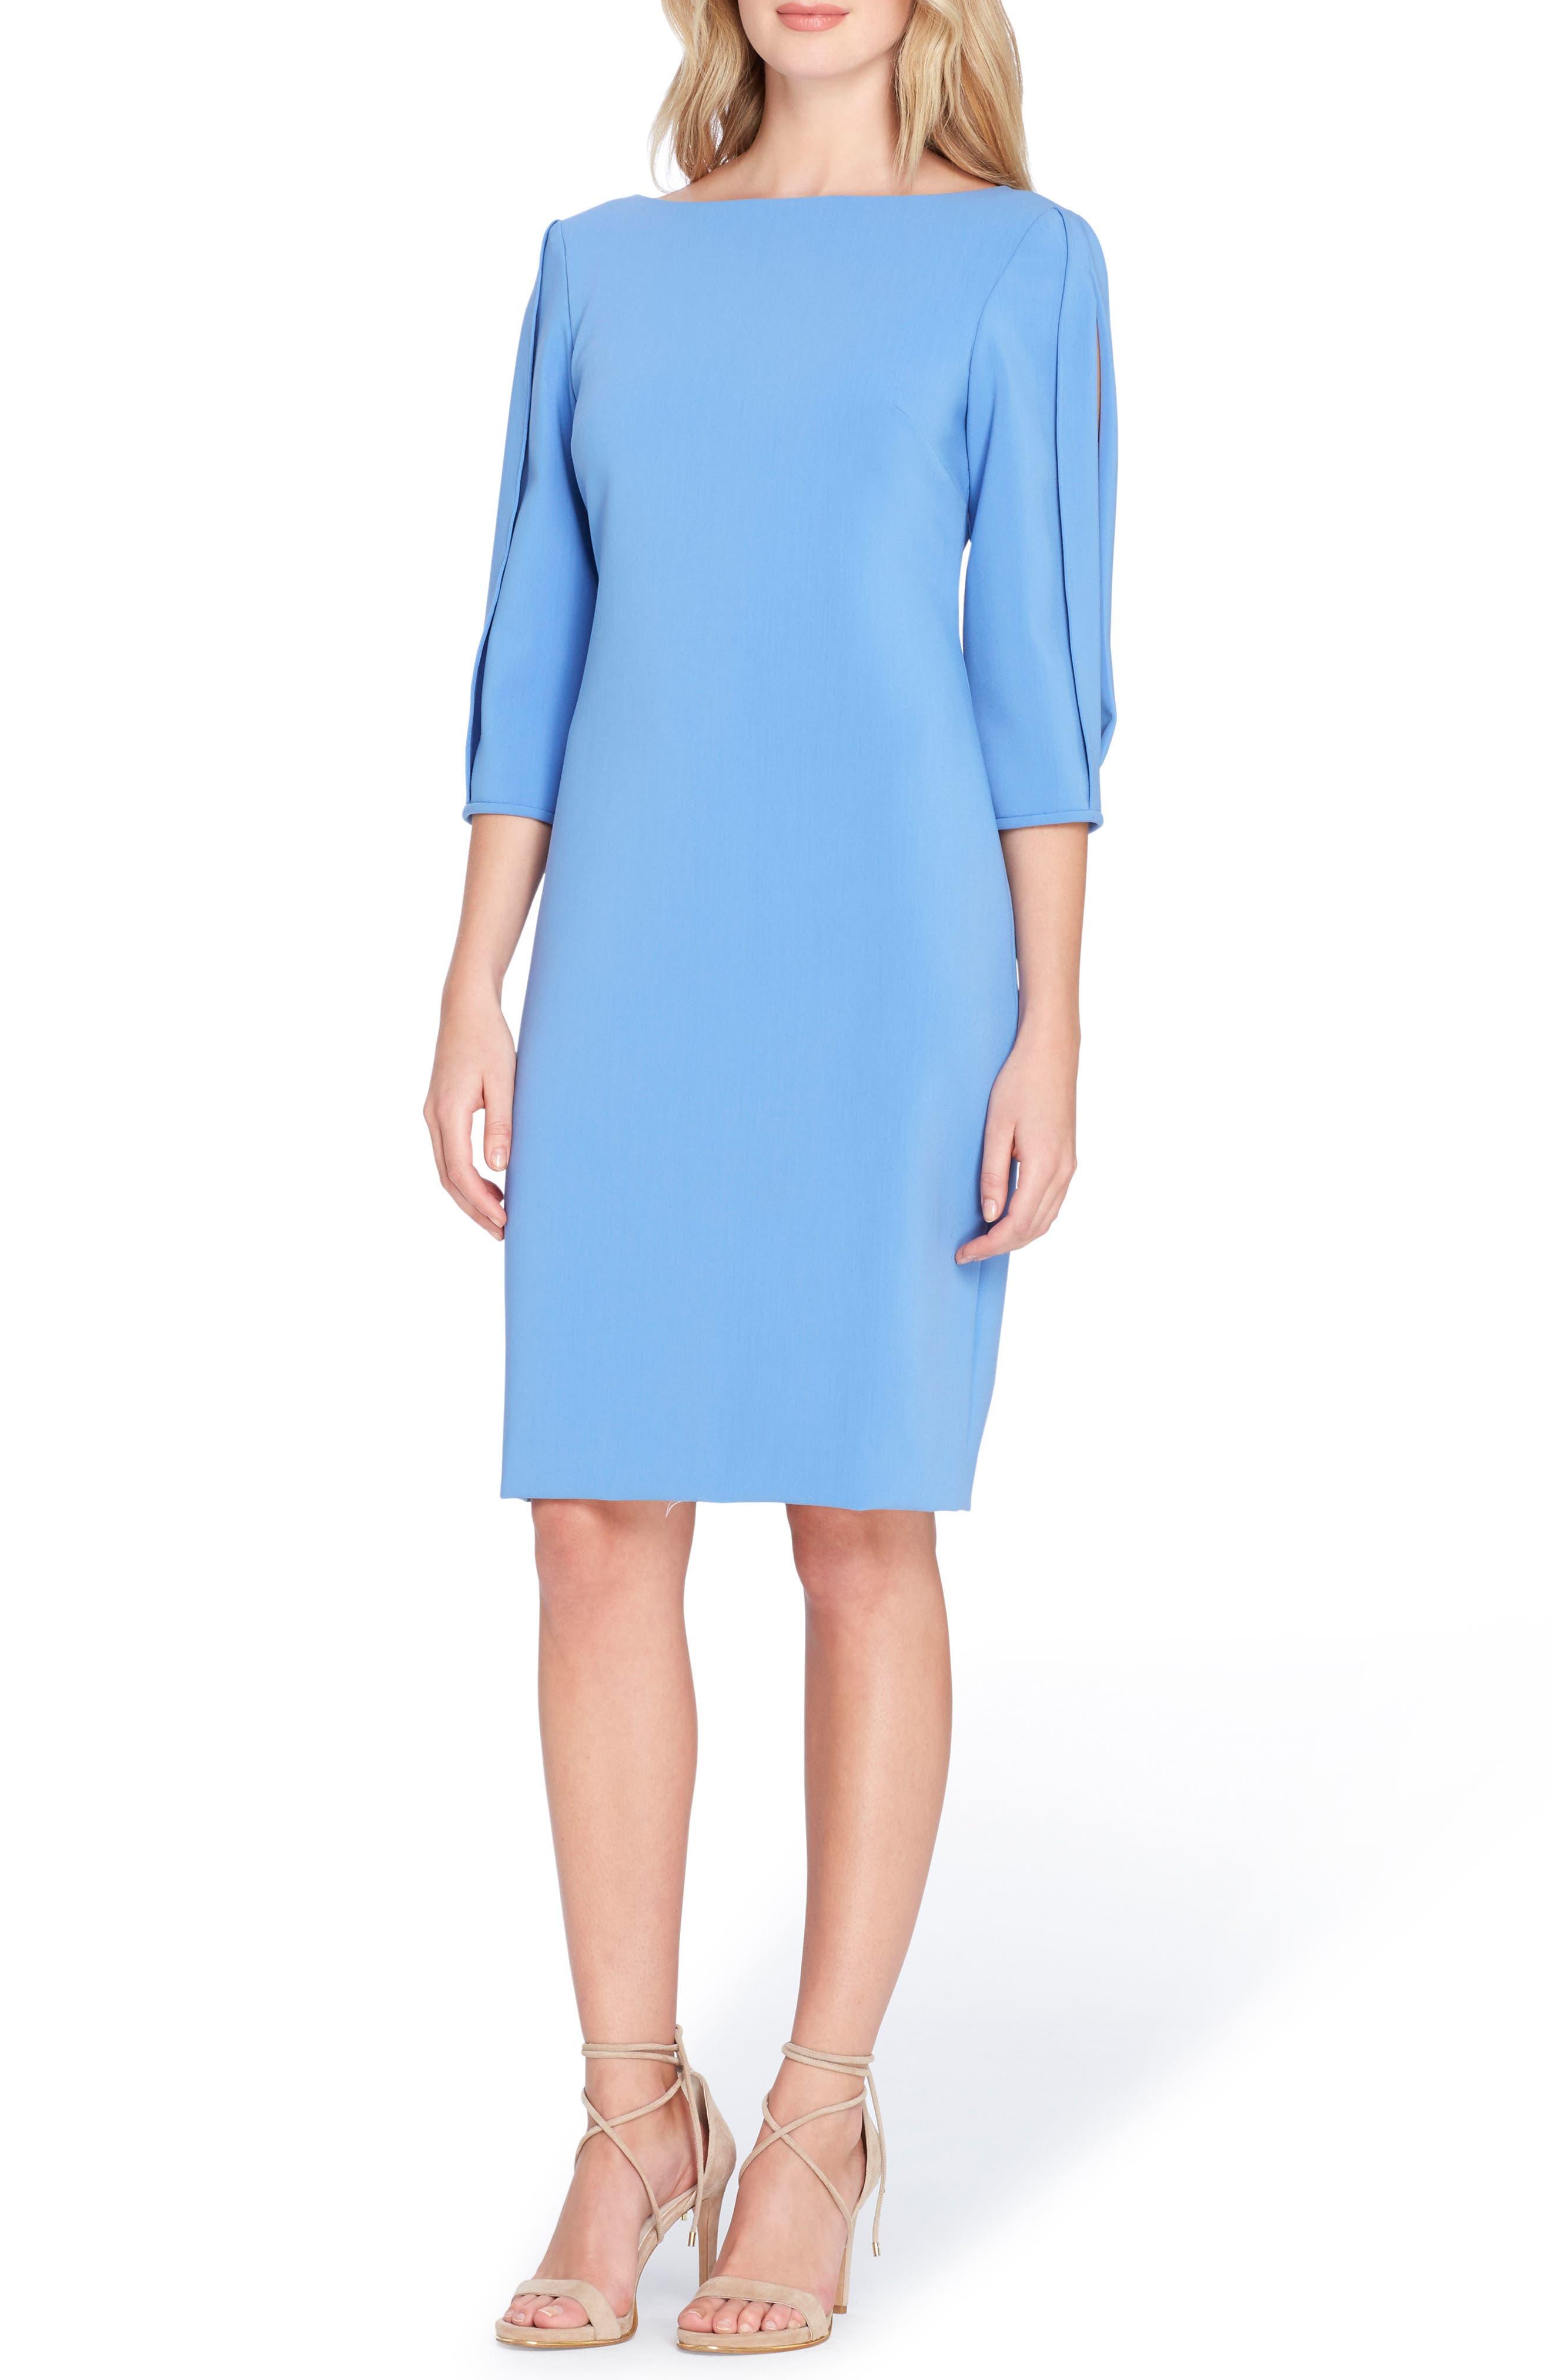 Tahari Split Sleeve Midi Sheath Dress